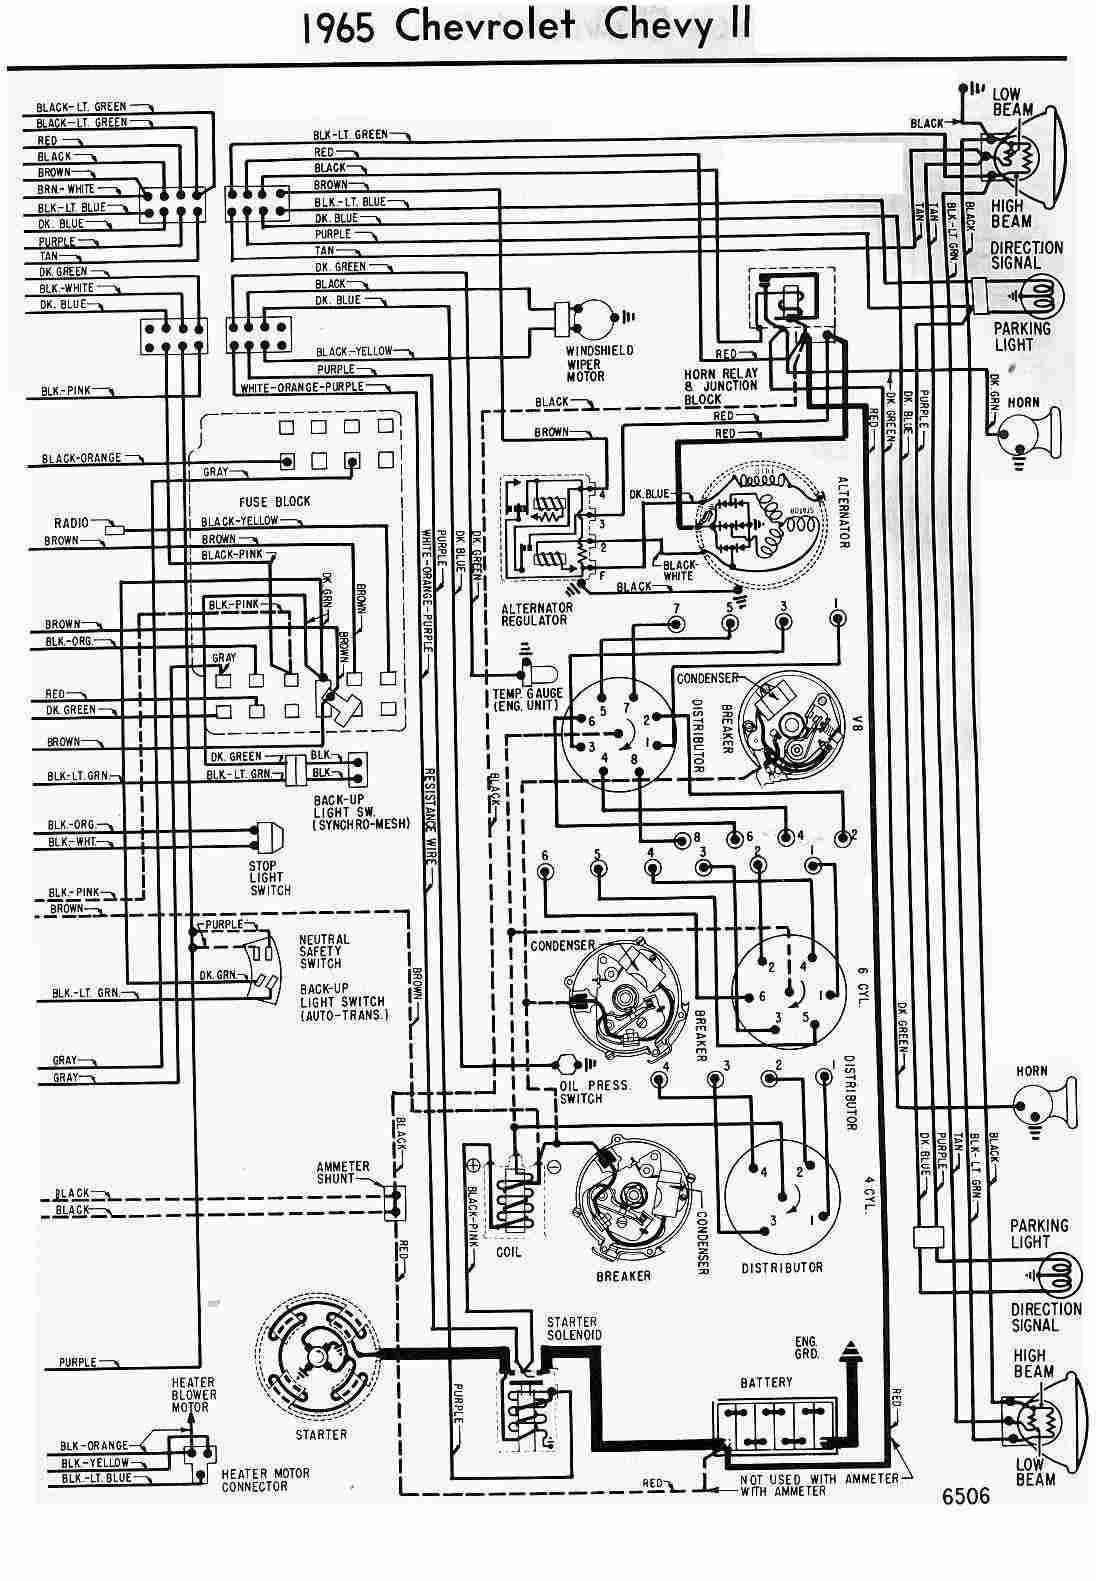 61 impala wiring diagram wiring diagram write61 impala wiring harness schema wiring diagram impala lights 1961 impala wiring harness wiring diagrams 85